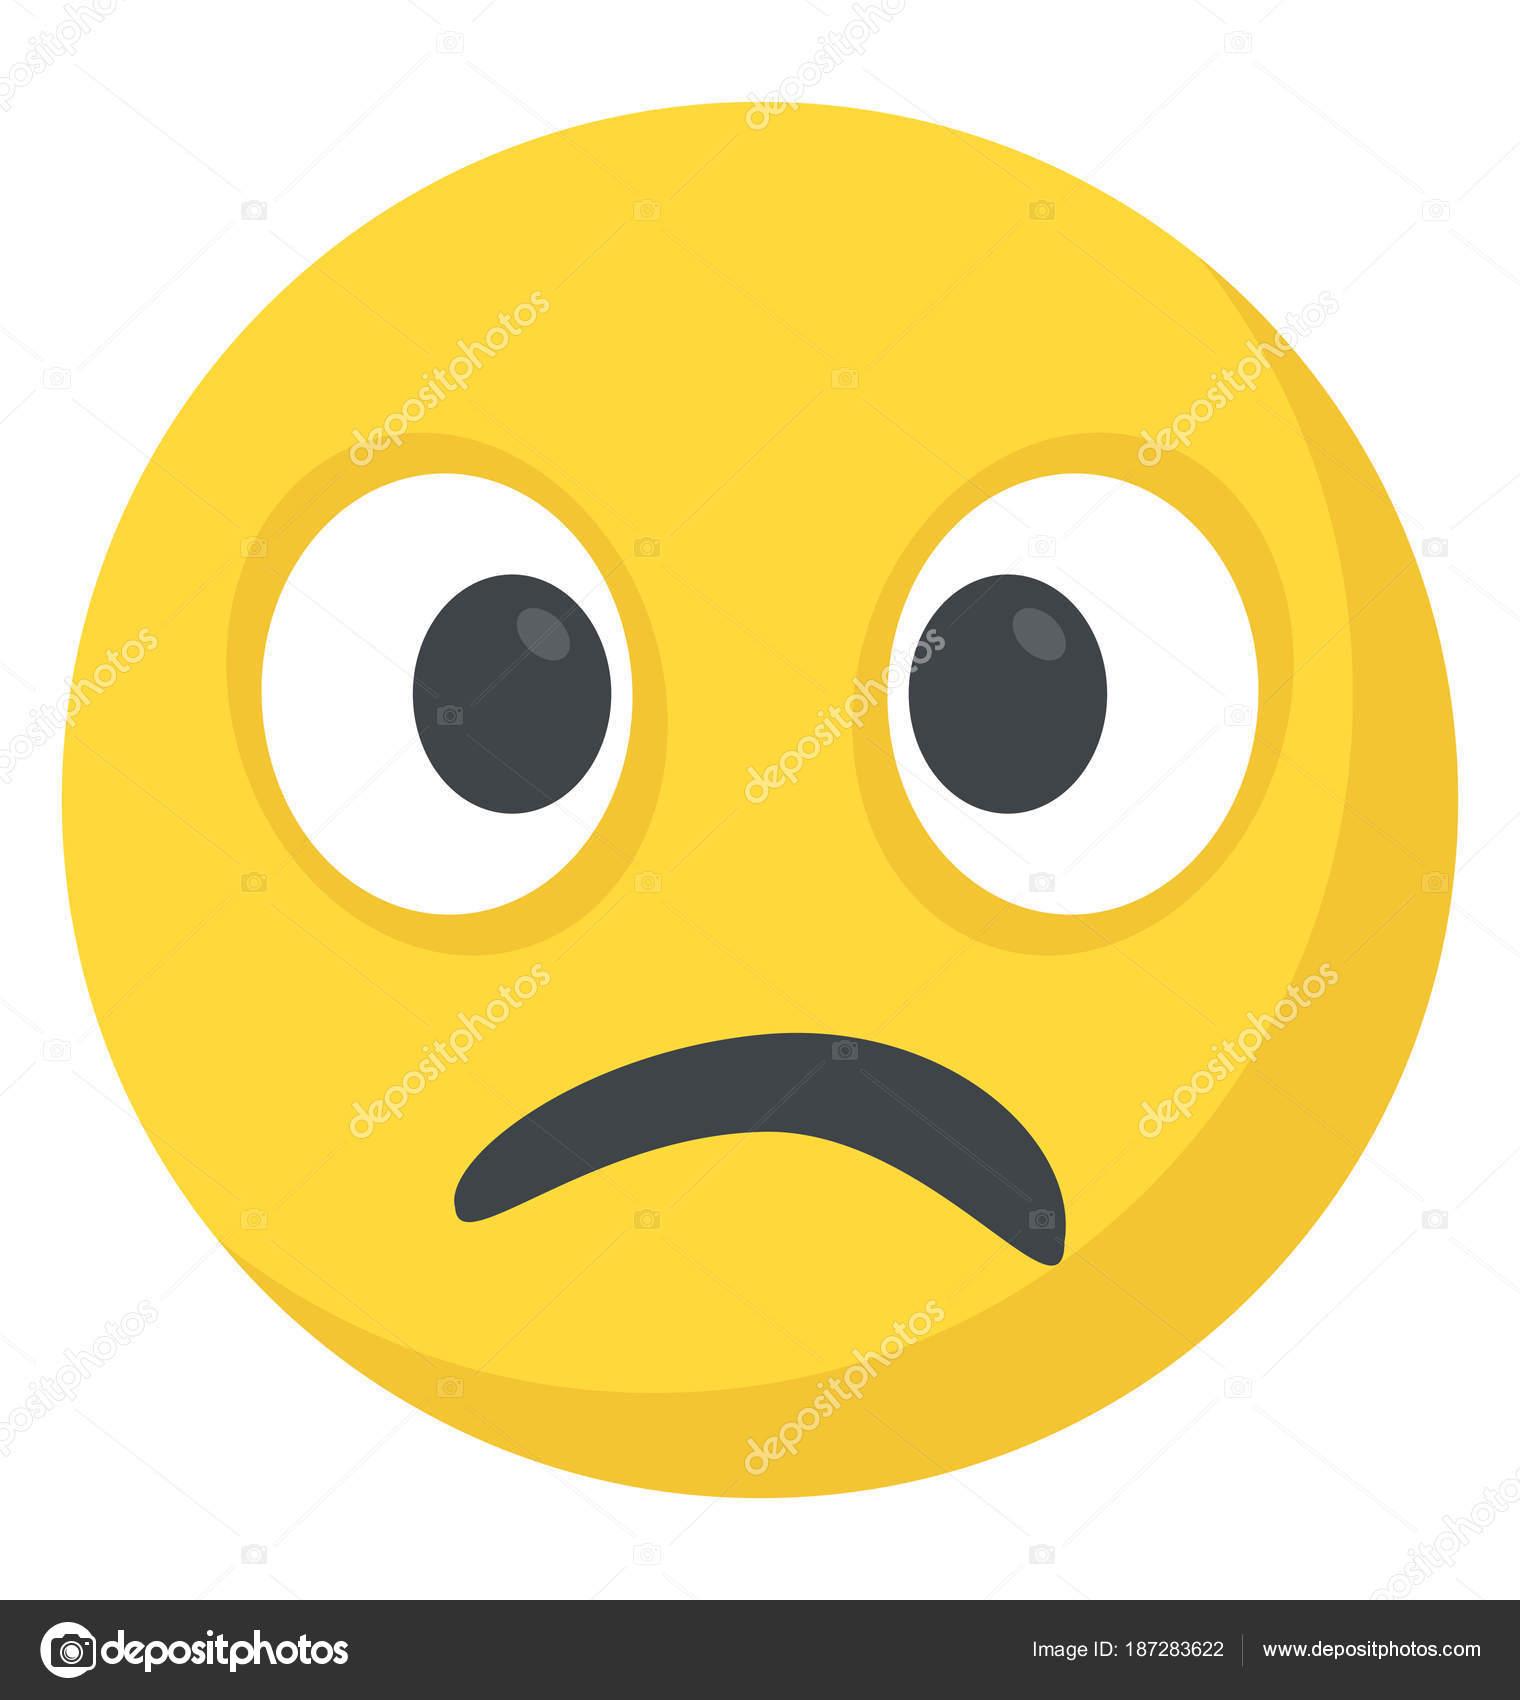 Image result for sad face emoji